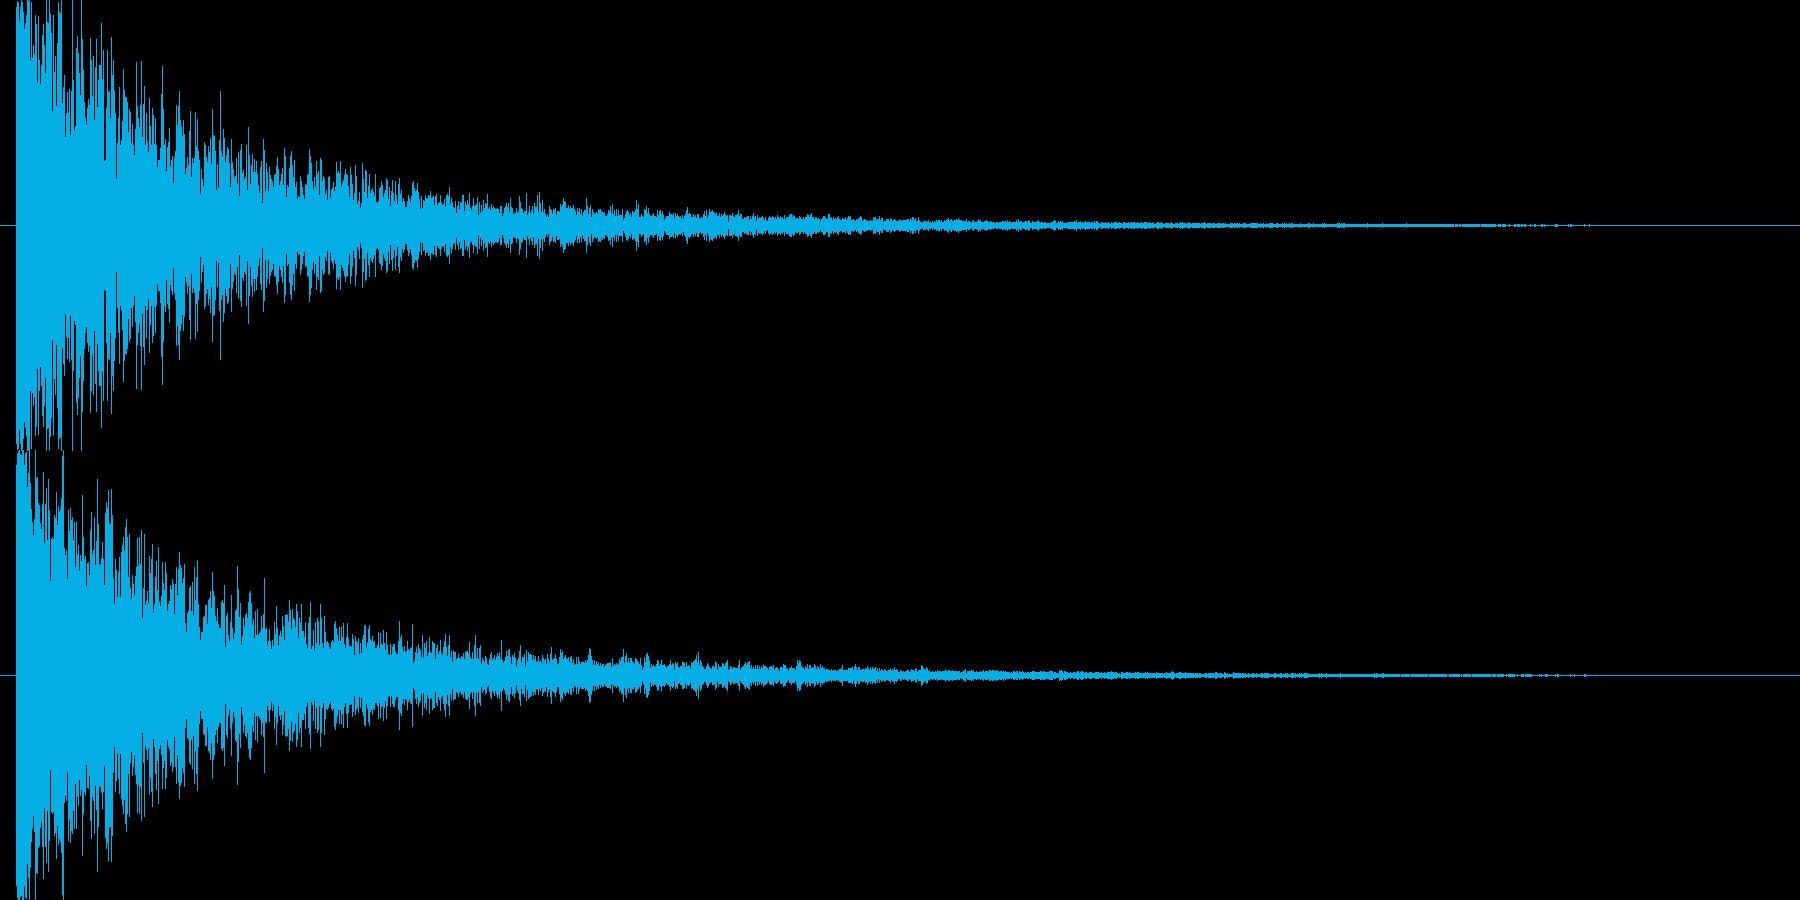 アタック音後に闇のようなアンビエント演出の再生済みの波形